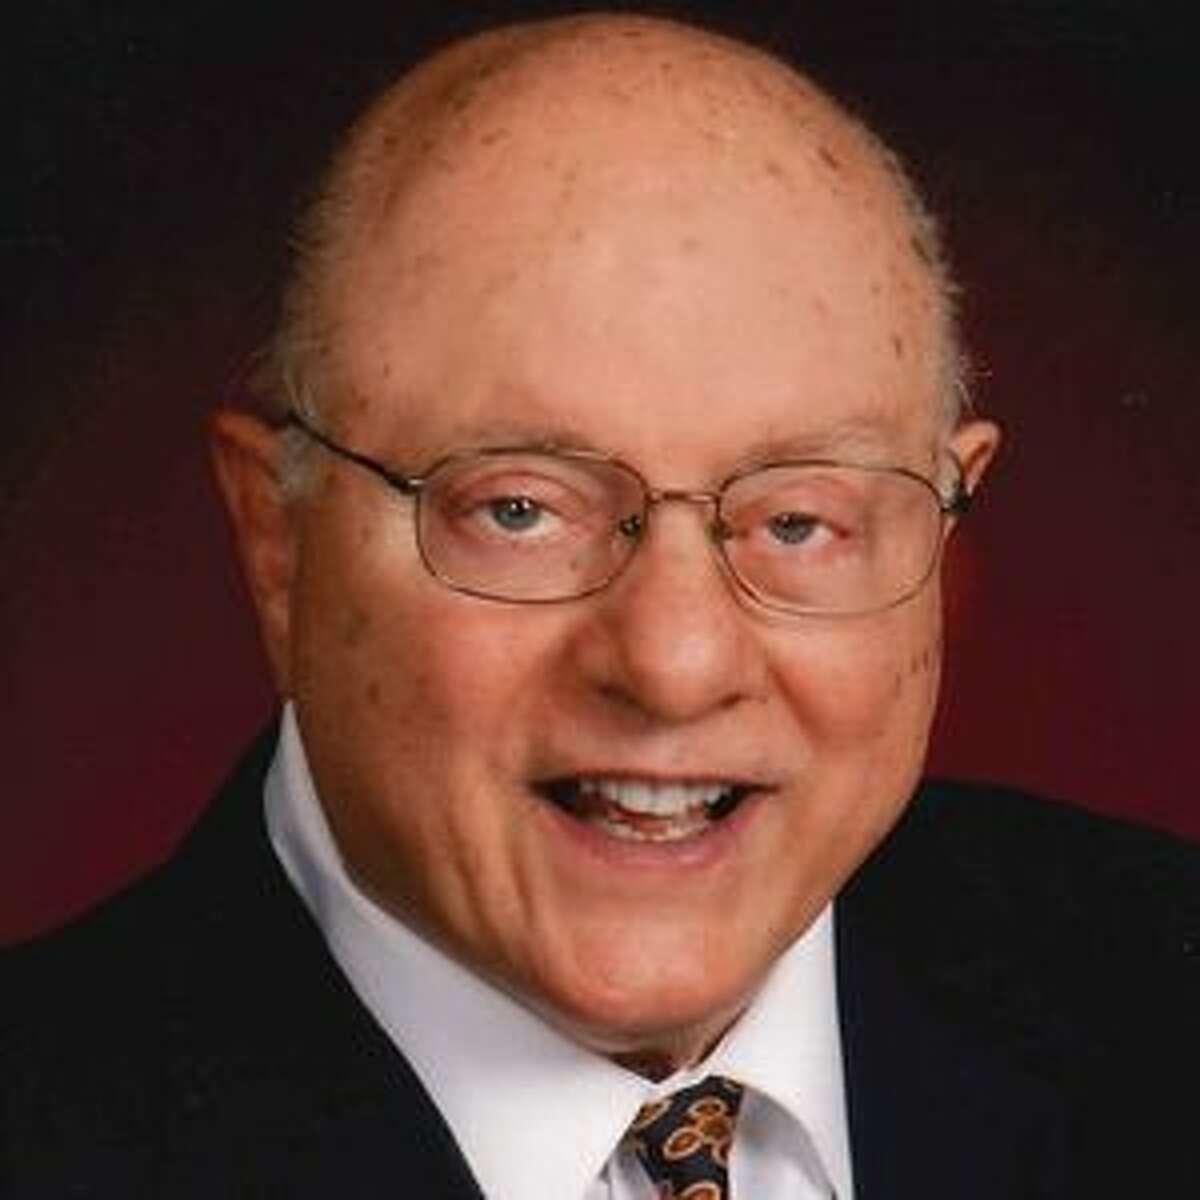 Robert Papa